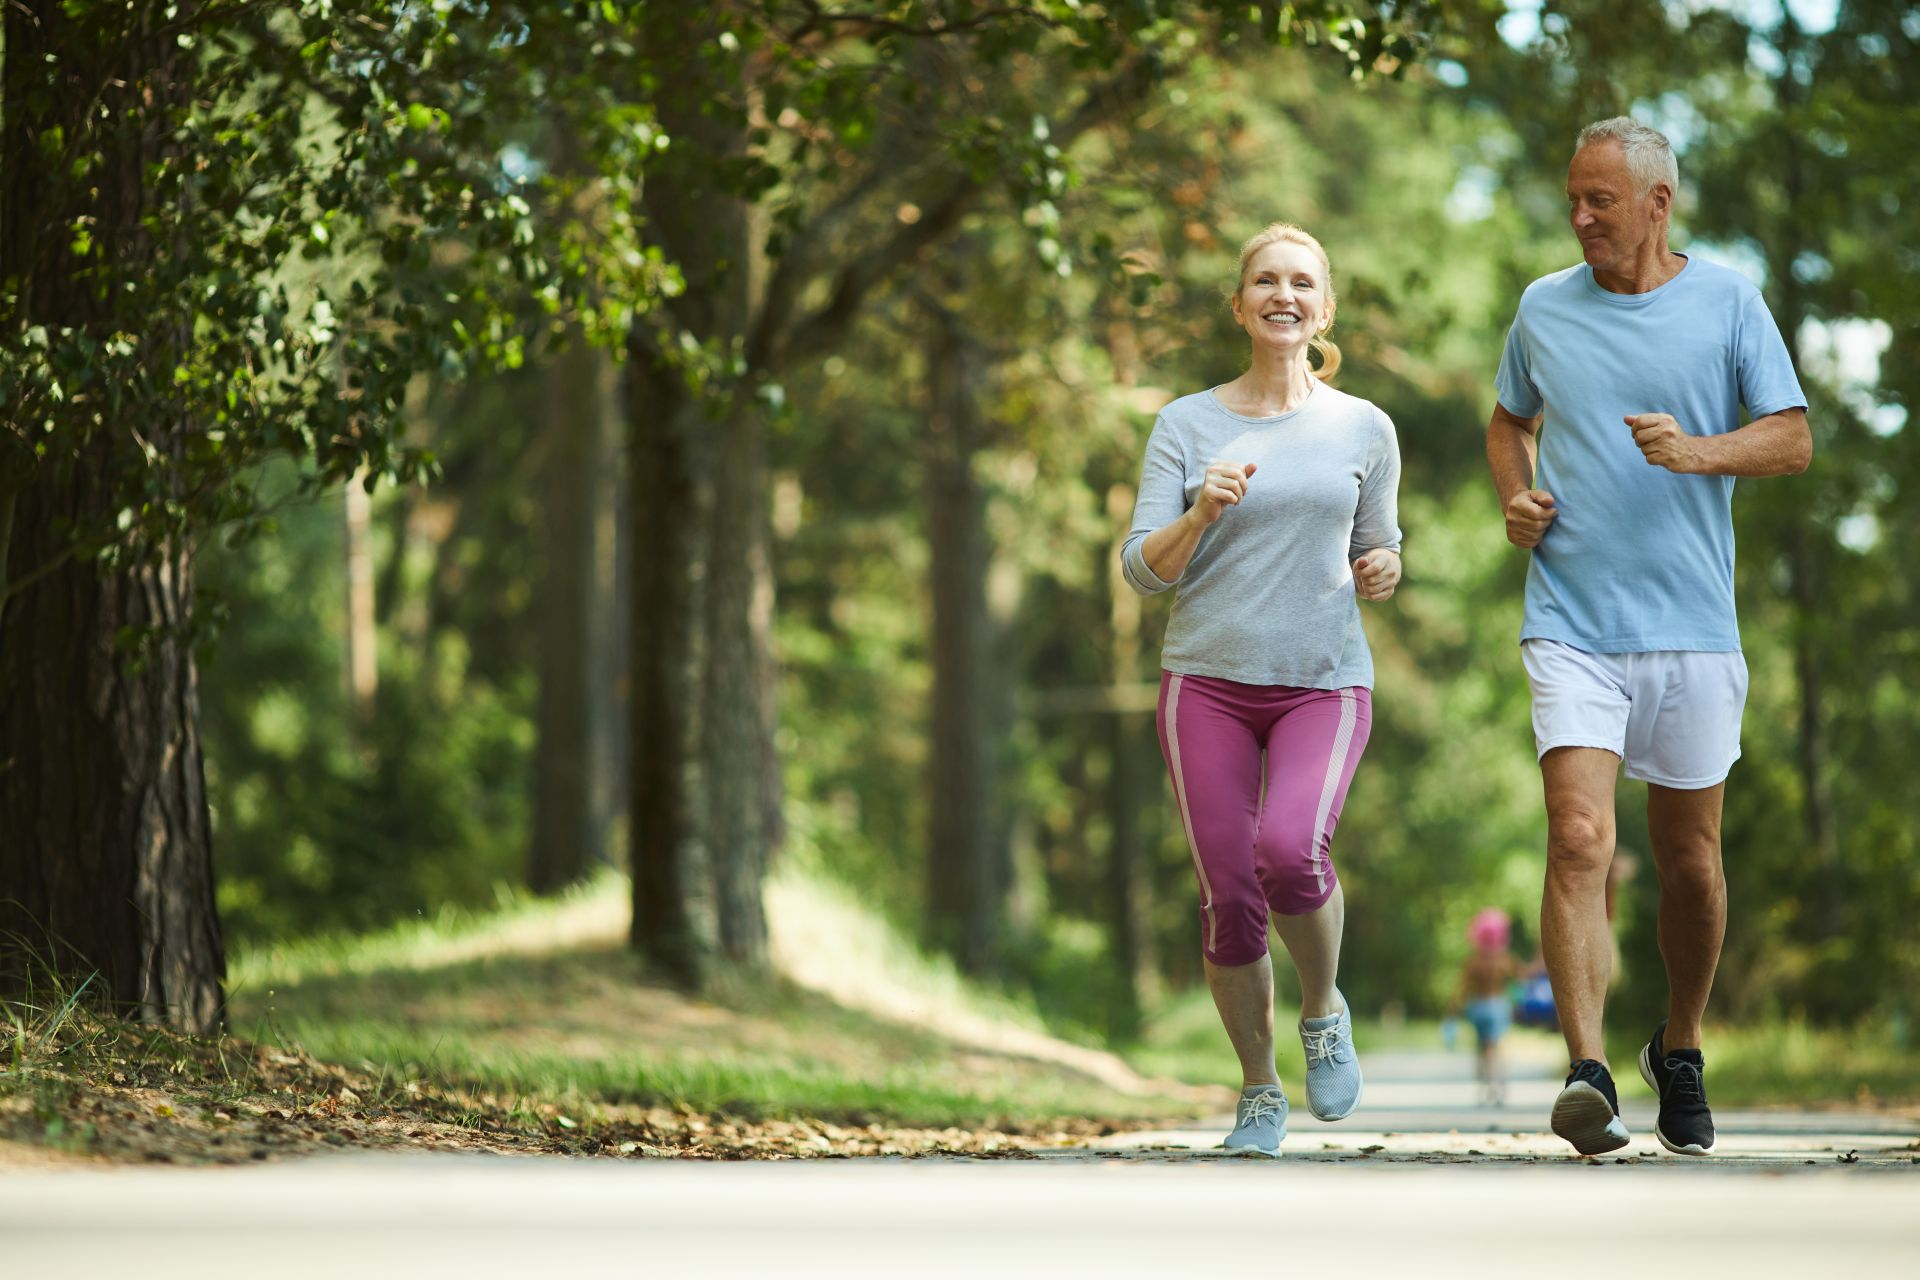 Slow jogging - ćwiczenia dla początkujących bez kondycji warto połączyć ze zdrową dietą wspierającą treningi - zadbaj o składniki odżywcze, takie jak witamina K i D, które wspierają odporność organizmu oraz dbają o zdrowe kości i stawy.